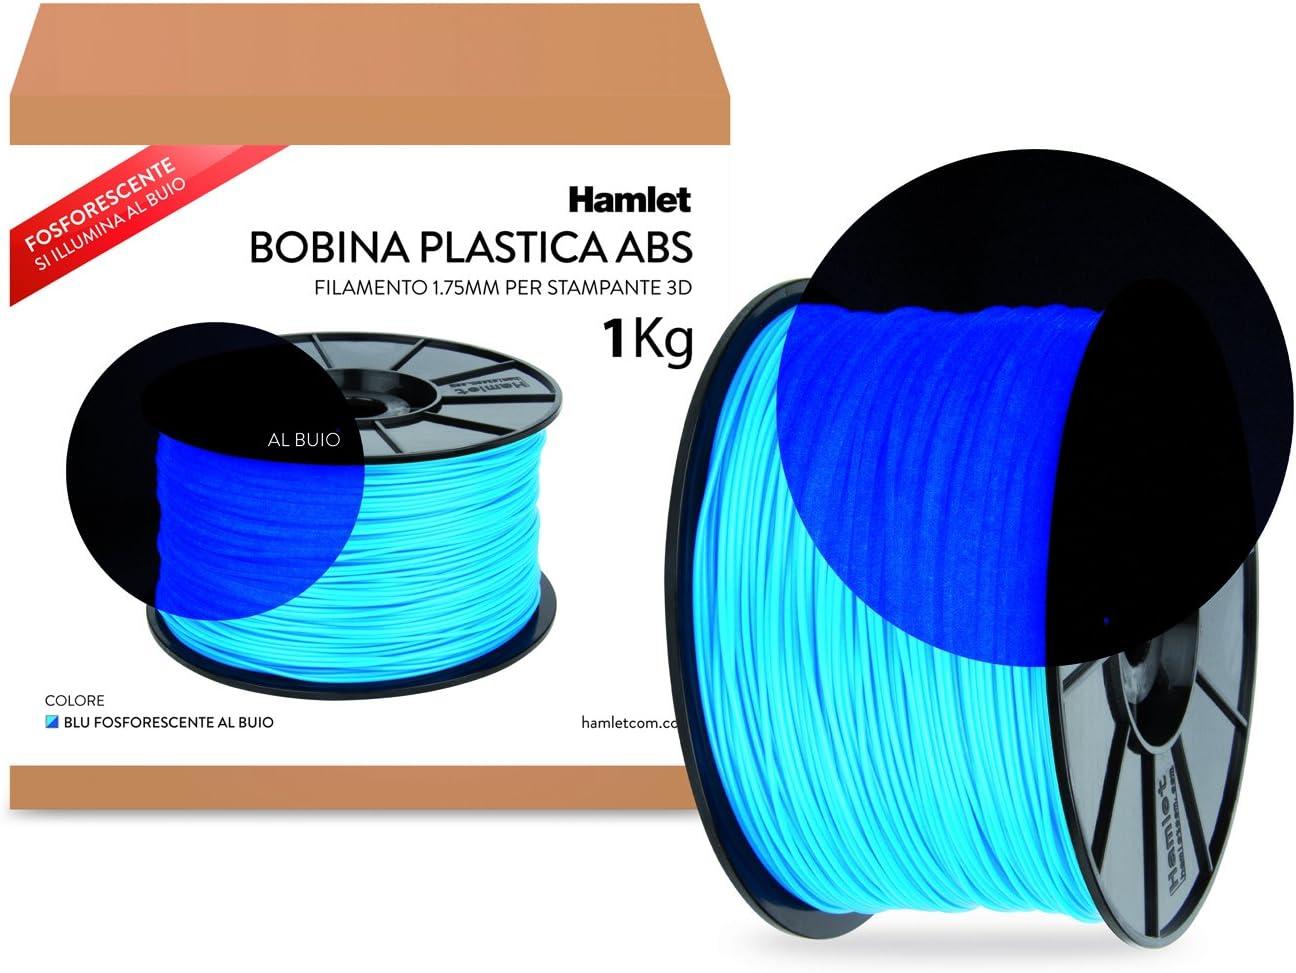 Hamlet Bobina di filamento per stampanti 3D 3DX100 in ABS Blu fosforescente al buio da 1kg